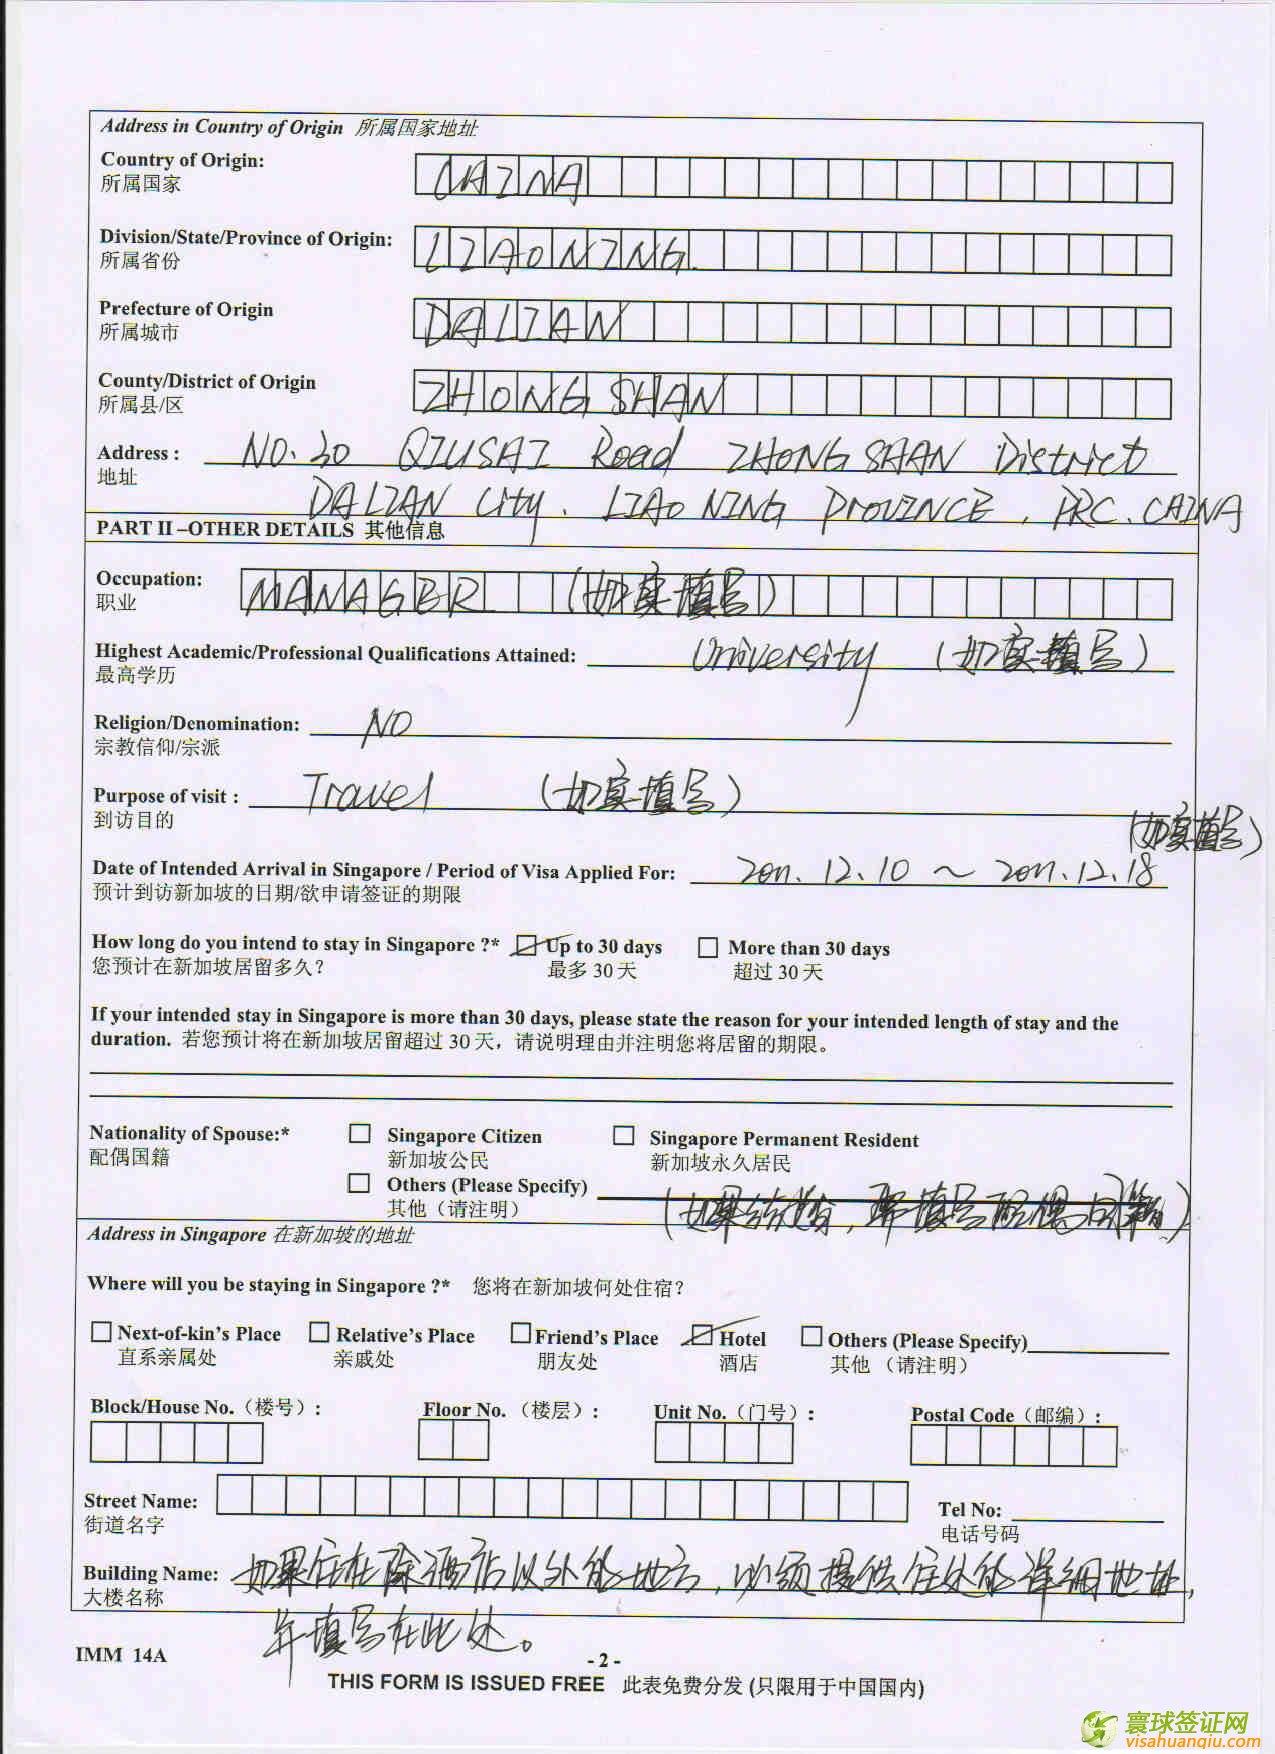 新加坡旅游签证申请填写样本参考